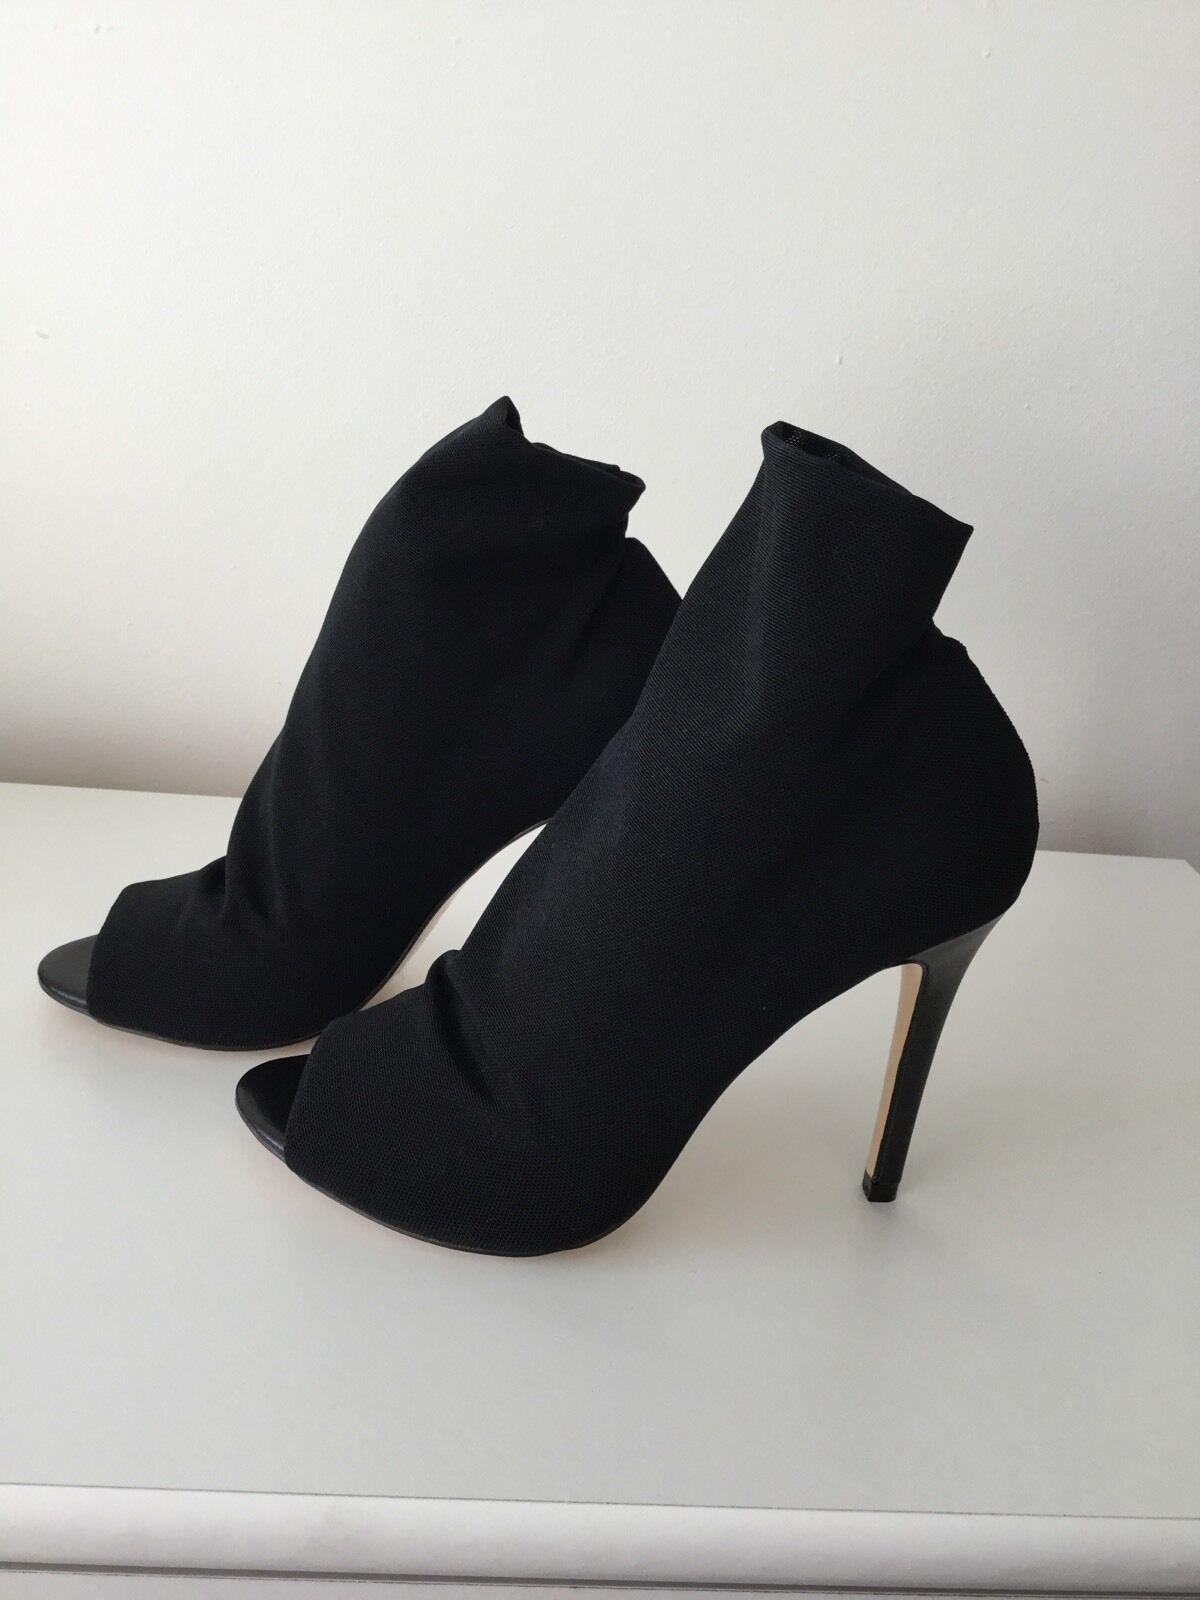 Karen Millen Mesh Peep Toe Schuhe Stiefel UK6/EU39